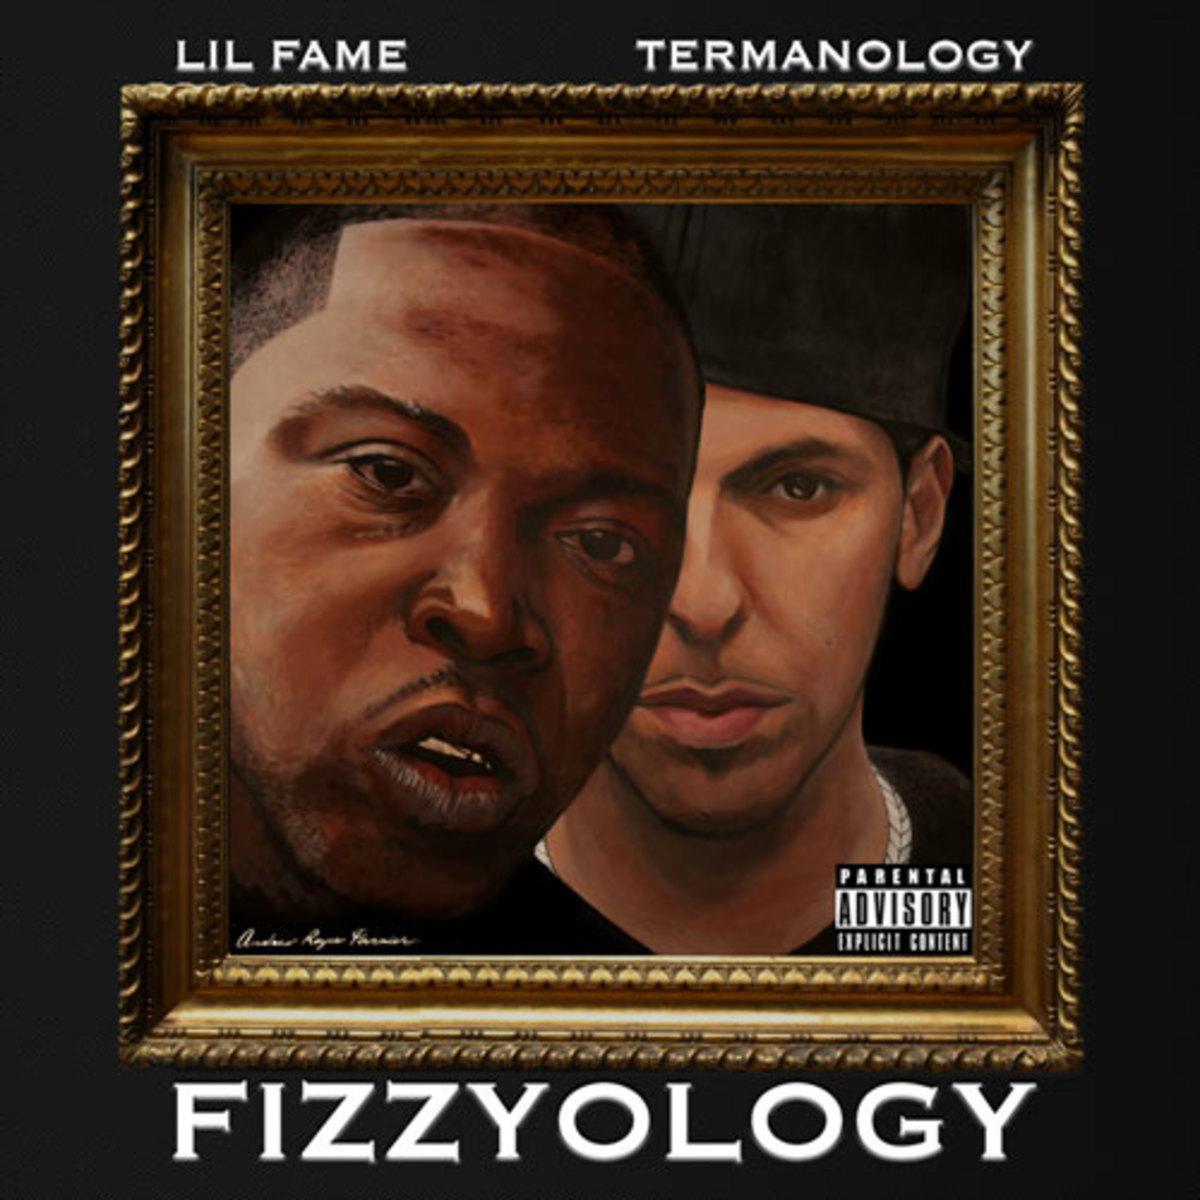 lilfame-fizzyology.jpg